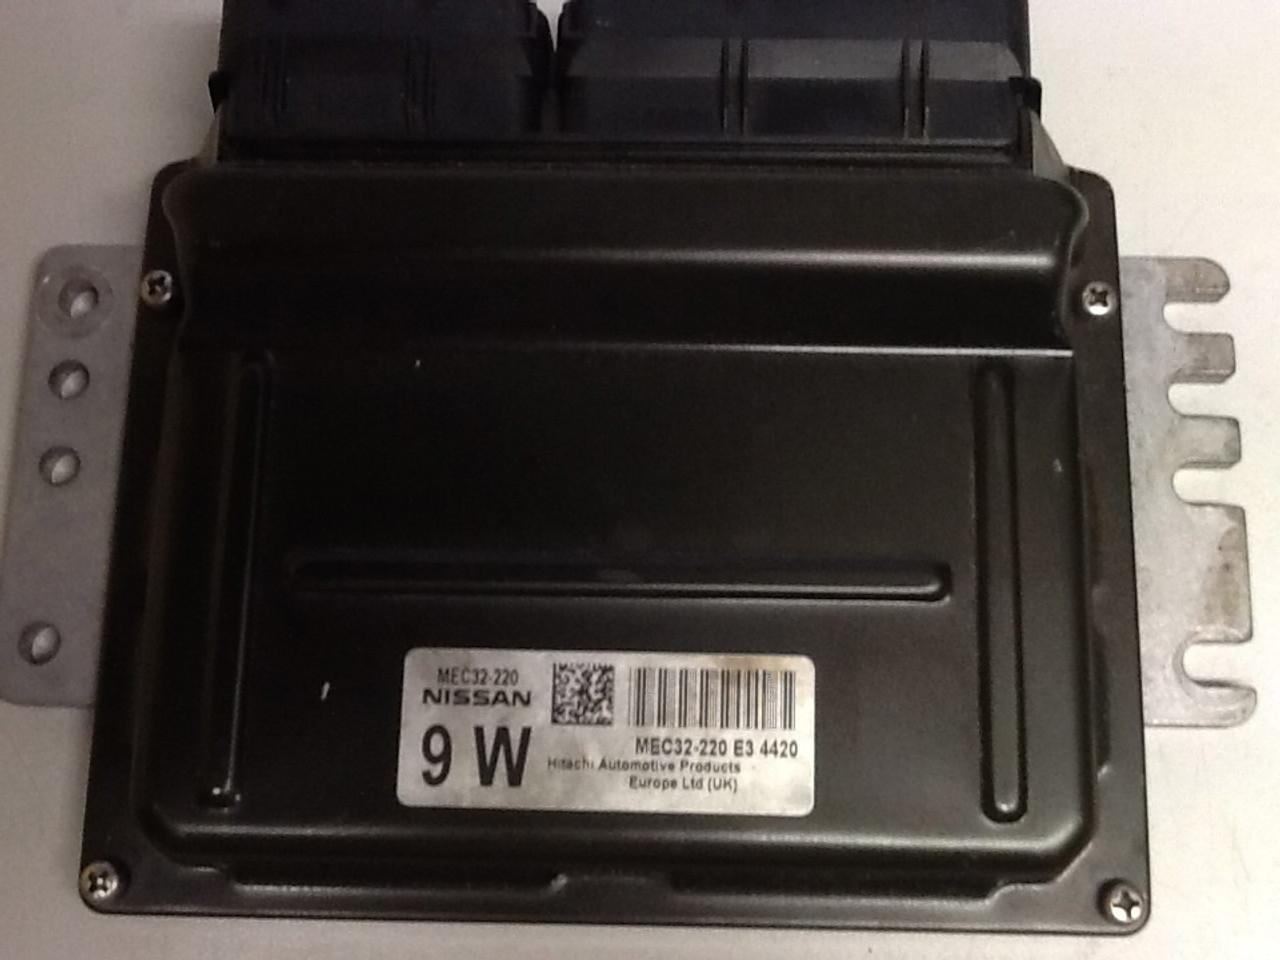 Plug & Play Nissan Engine ECU MEC32-220 E3